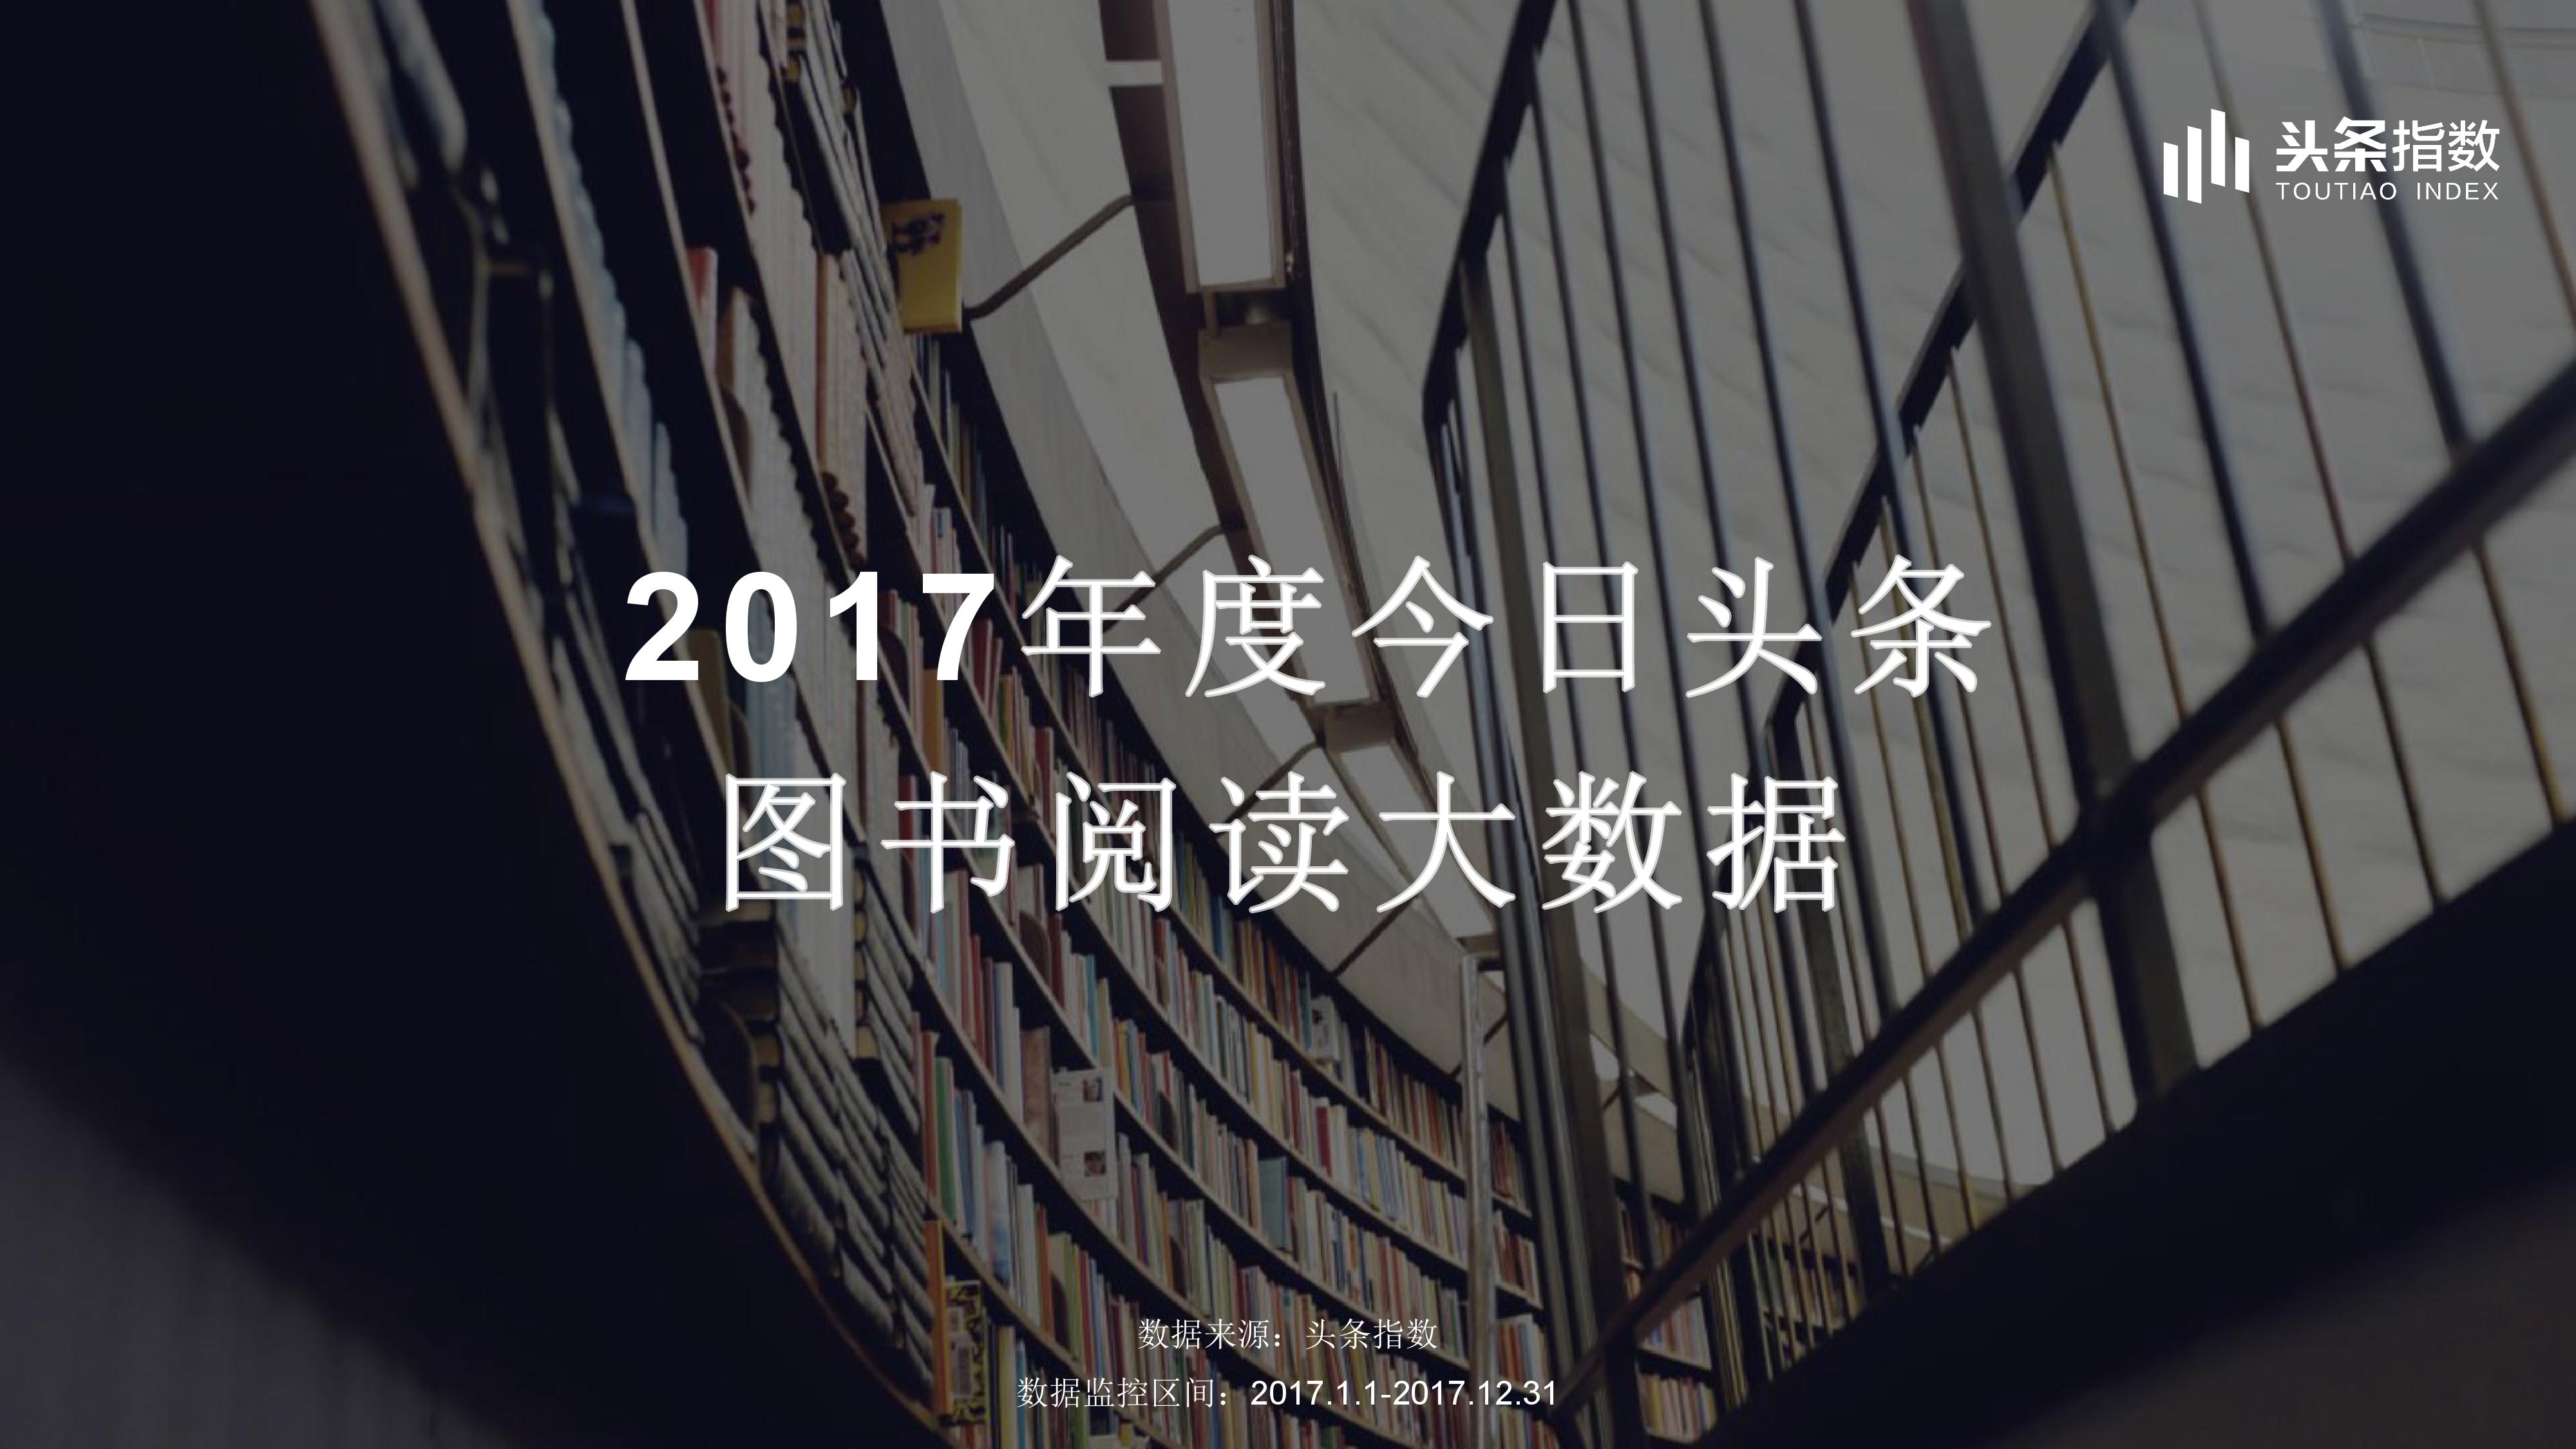 今日头条:2017今日头条图书阅读大数据(附下载)